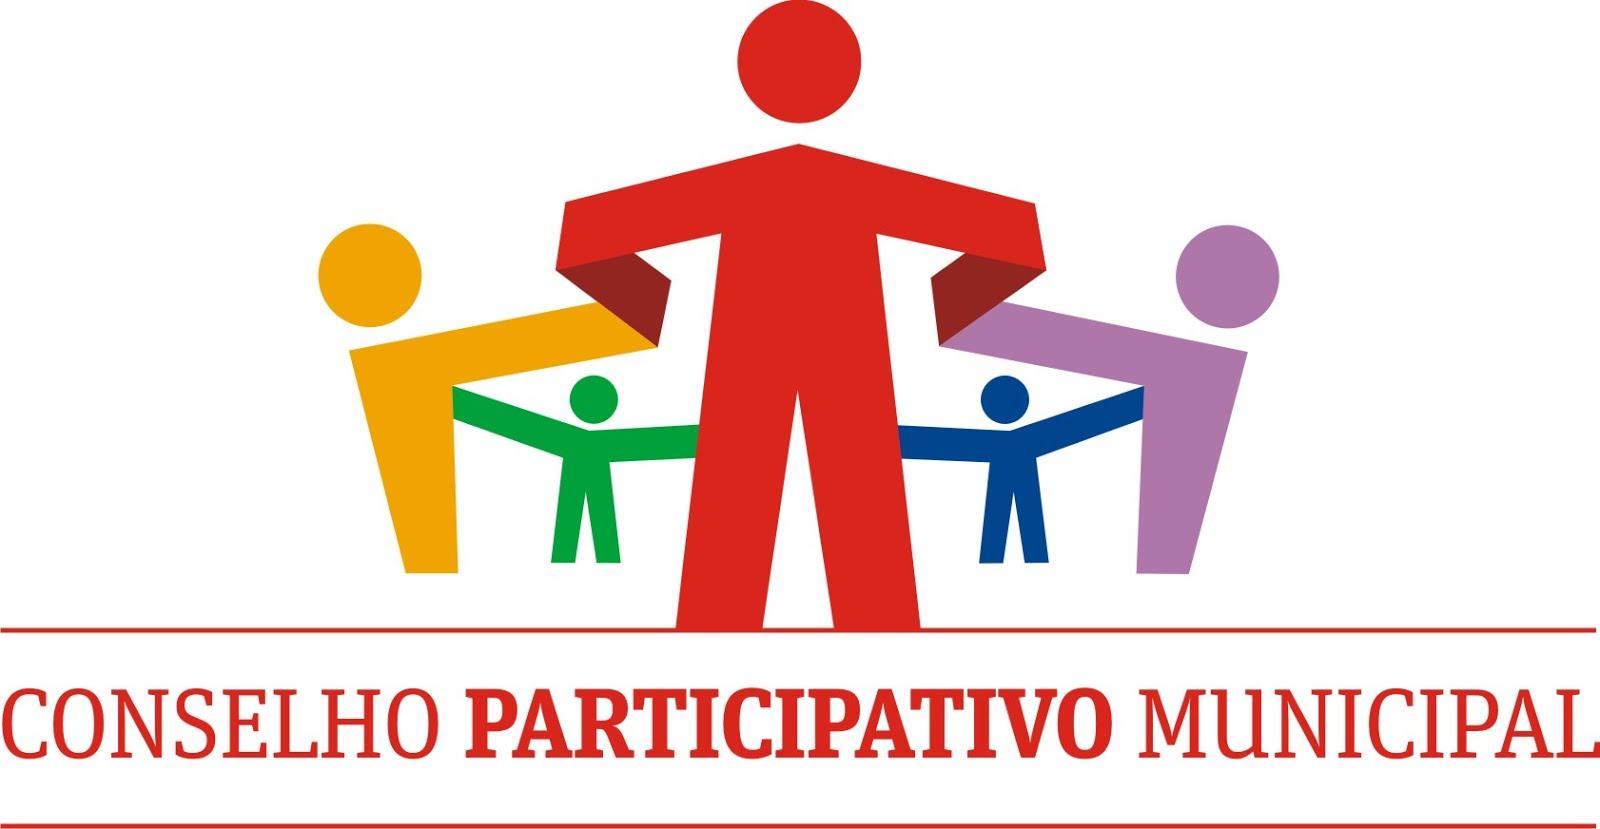 Conselho Participativo Municipal  Aricanduva/Formosa/Carrão